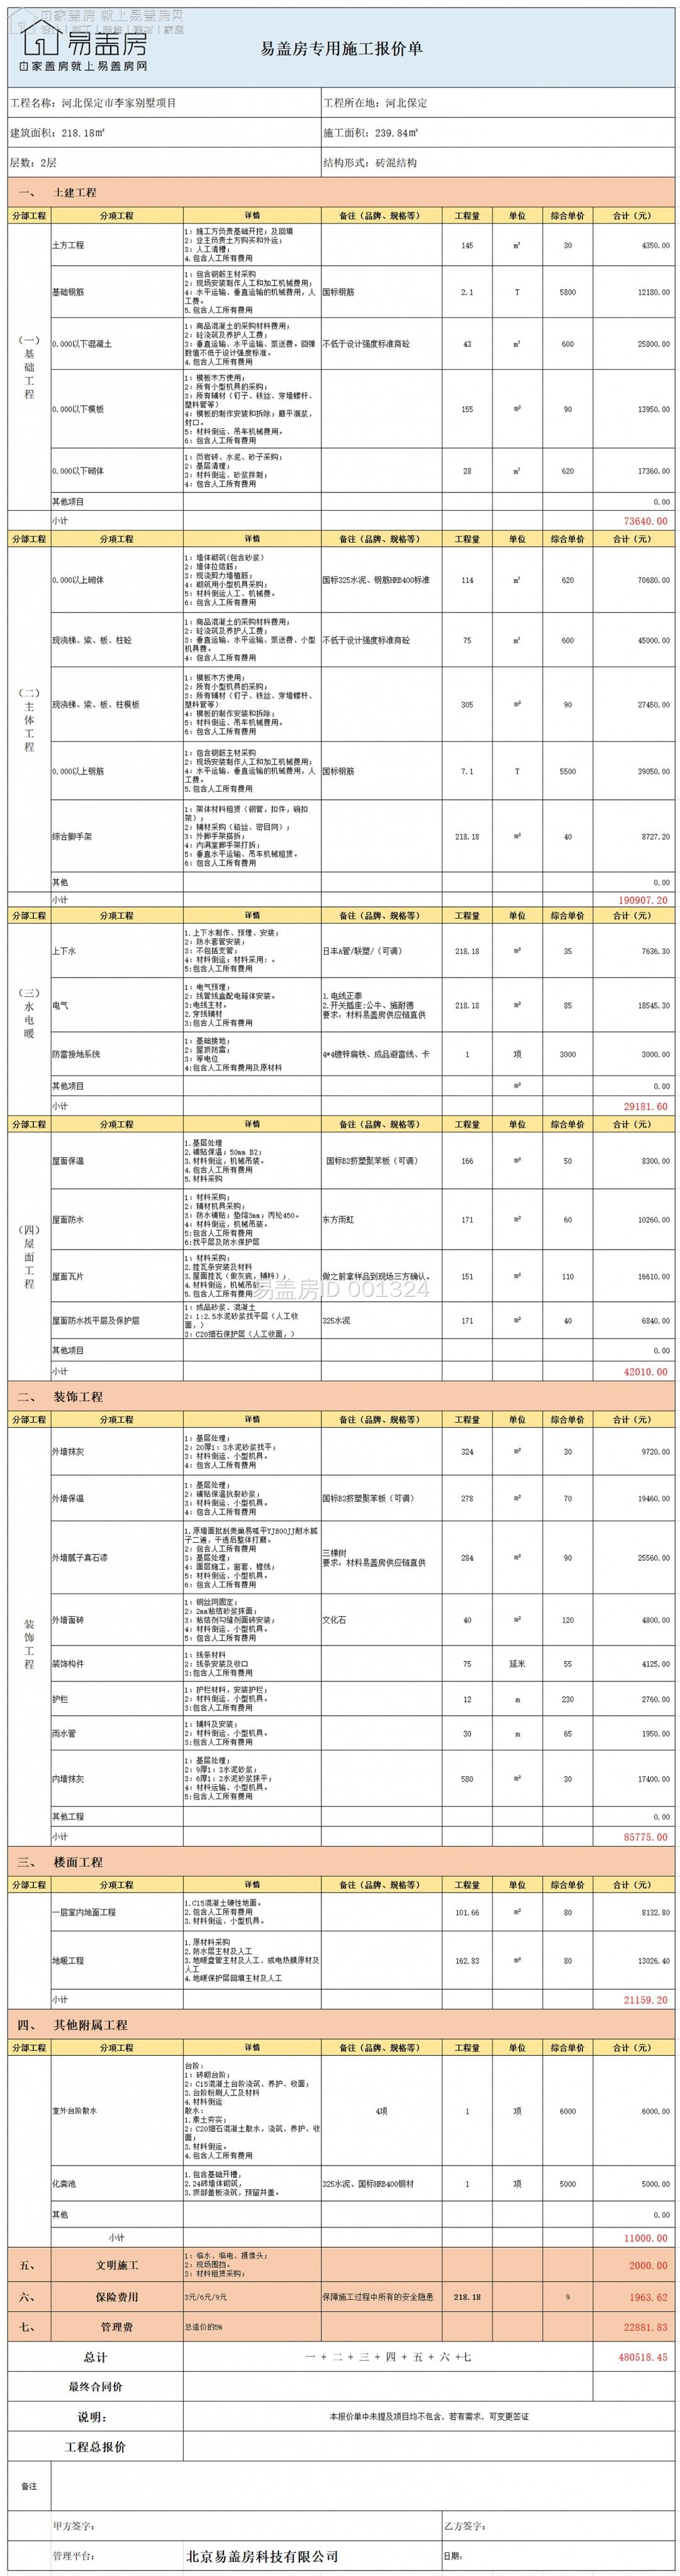 图纸  ID  1324河北保定李先生项目信息对接宗磊别墅(1)_00.jpg